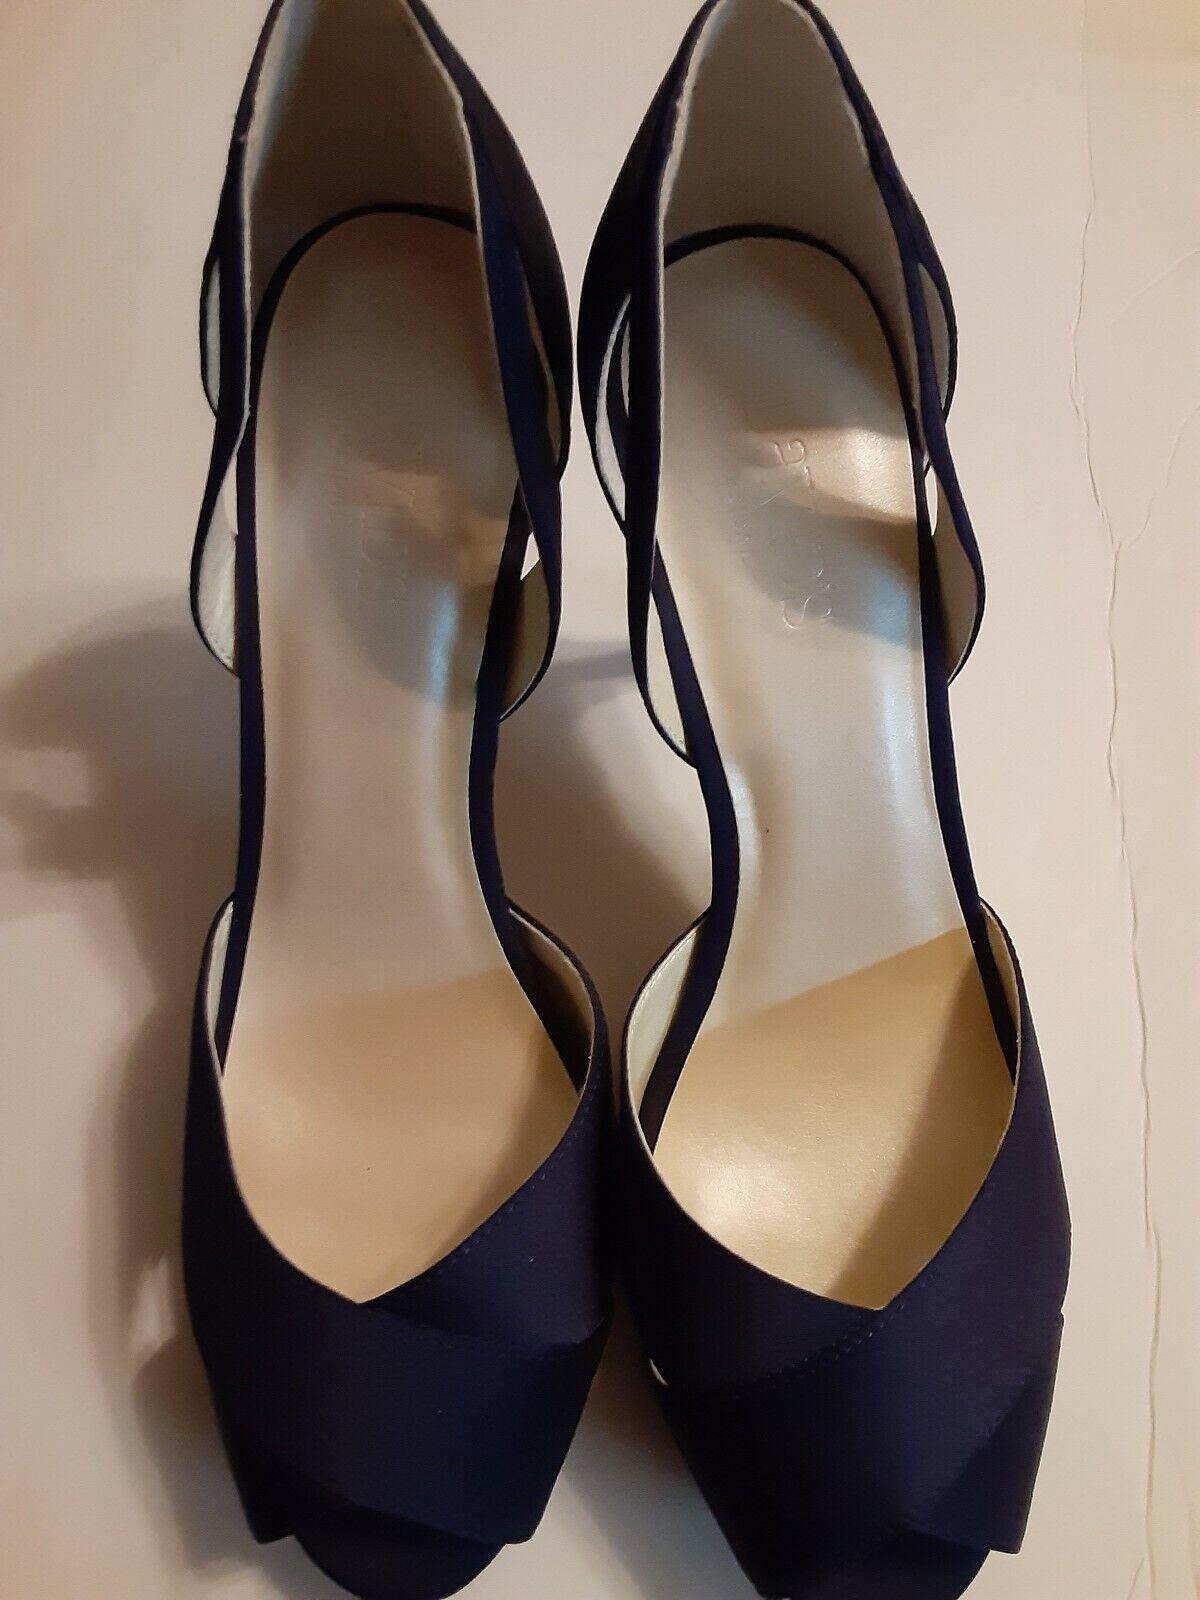 David Bridal Wedding Shoes Navy Open Toe Pumps Sz 9.5